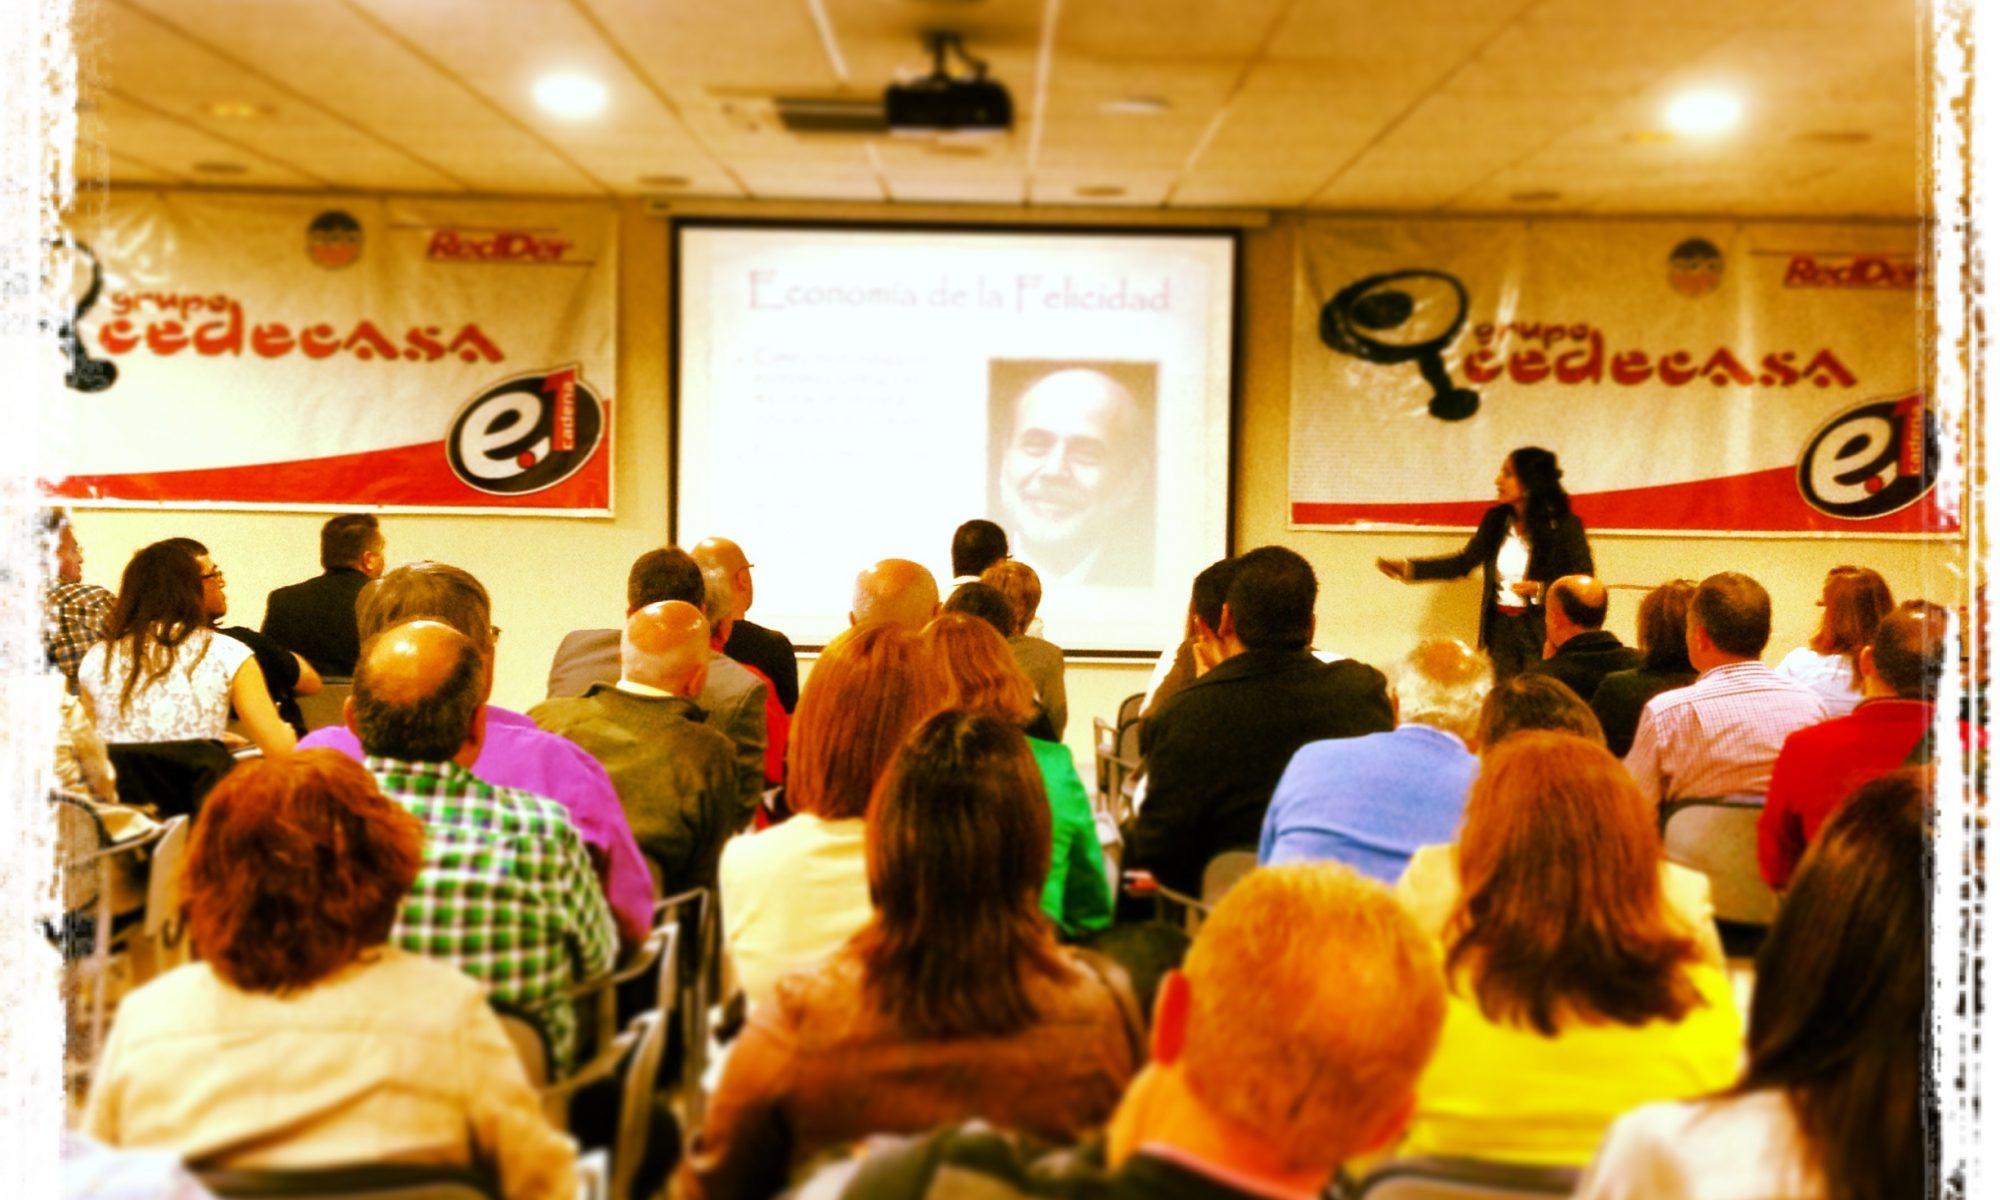 Conferencia Motivacion Empresariado Canario Cedecasa Segesa